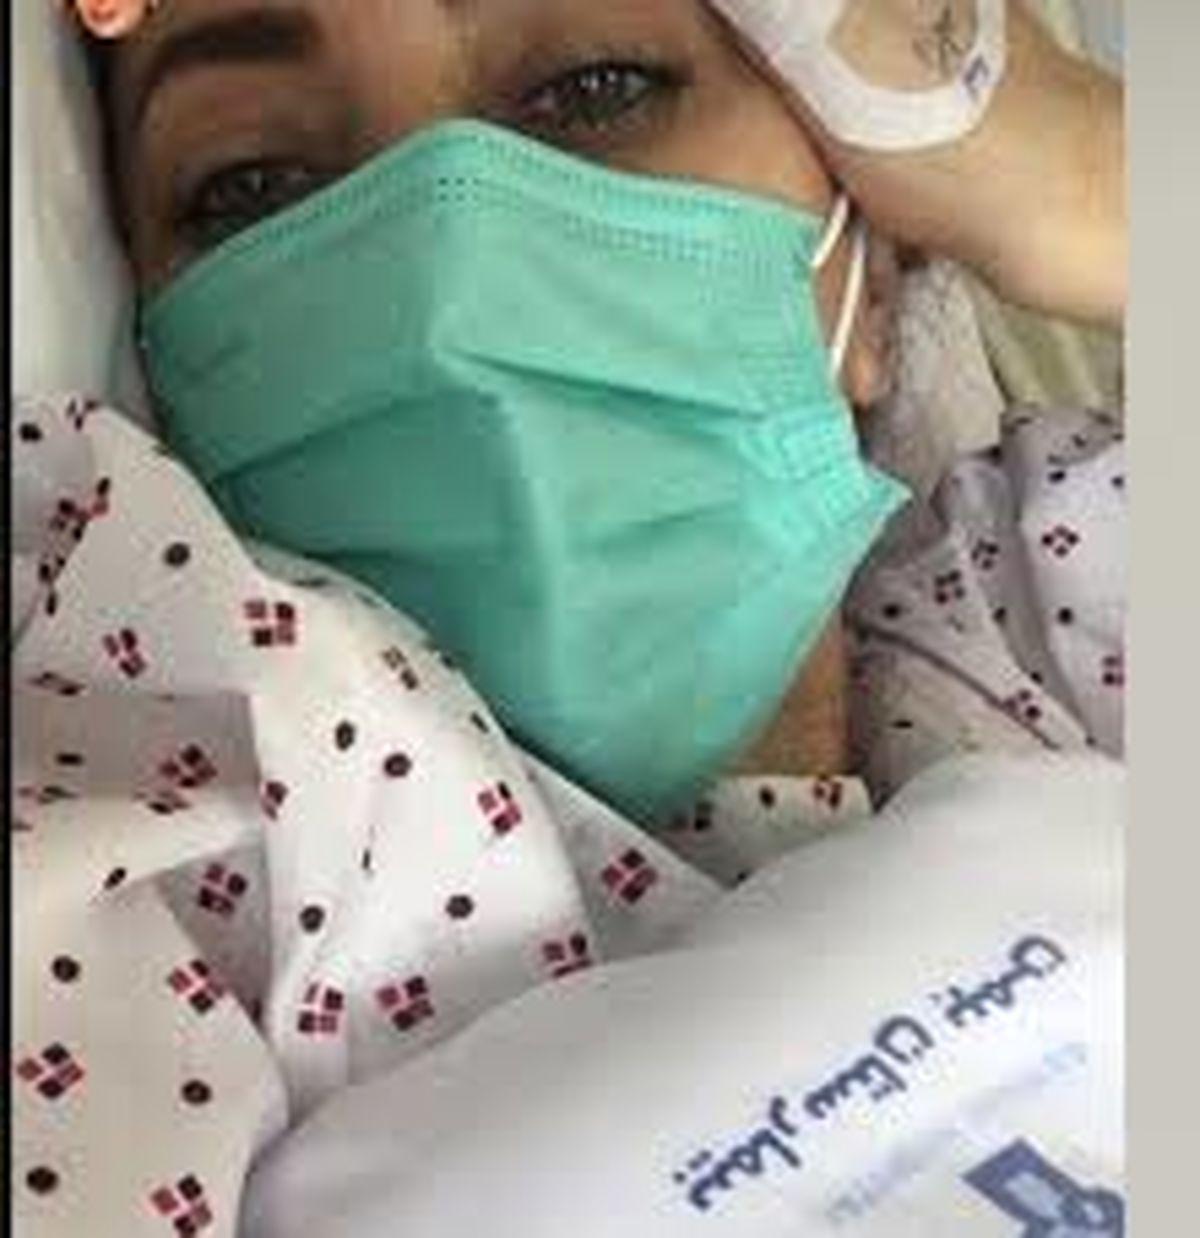 ماجرای خودکشی نفیسه روشن غوغا به پا کرد / چرا نفیسه روشن در بیمارستان است ؟ + فیلم